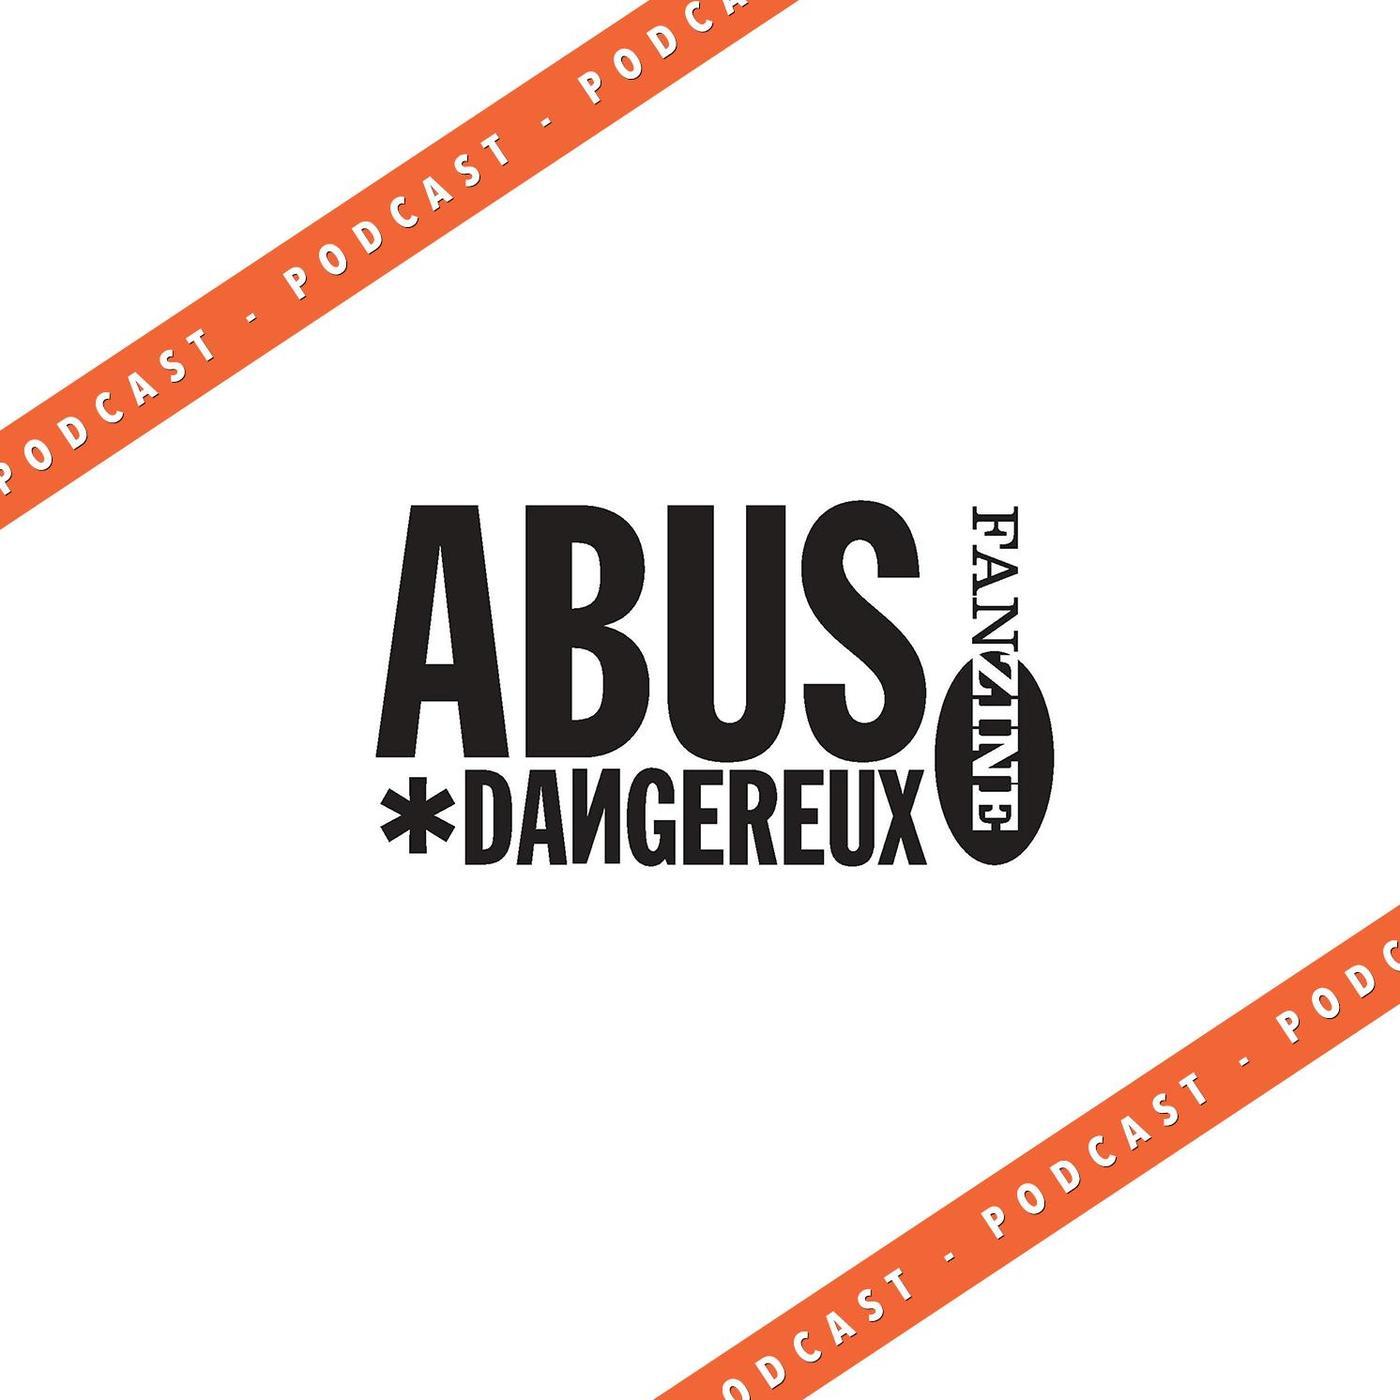 Abus Dangereux 157 - Extrait 3